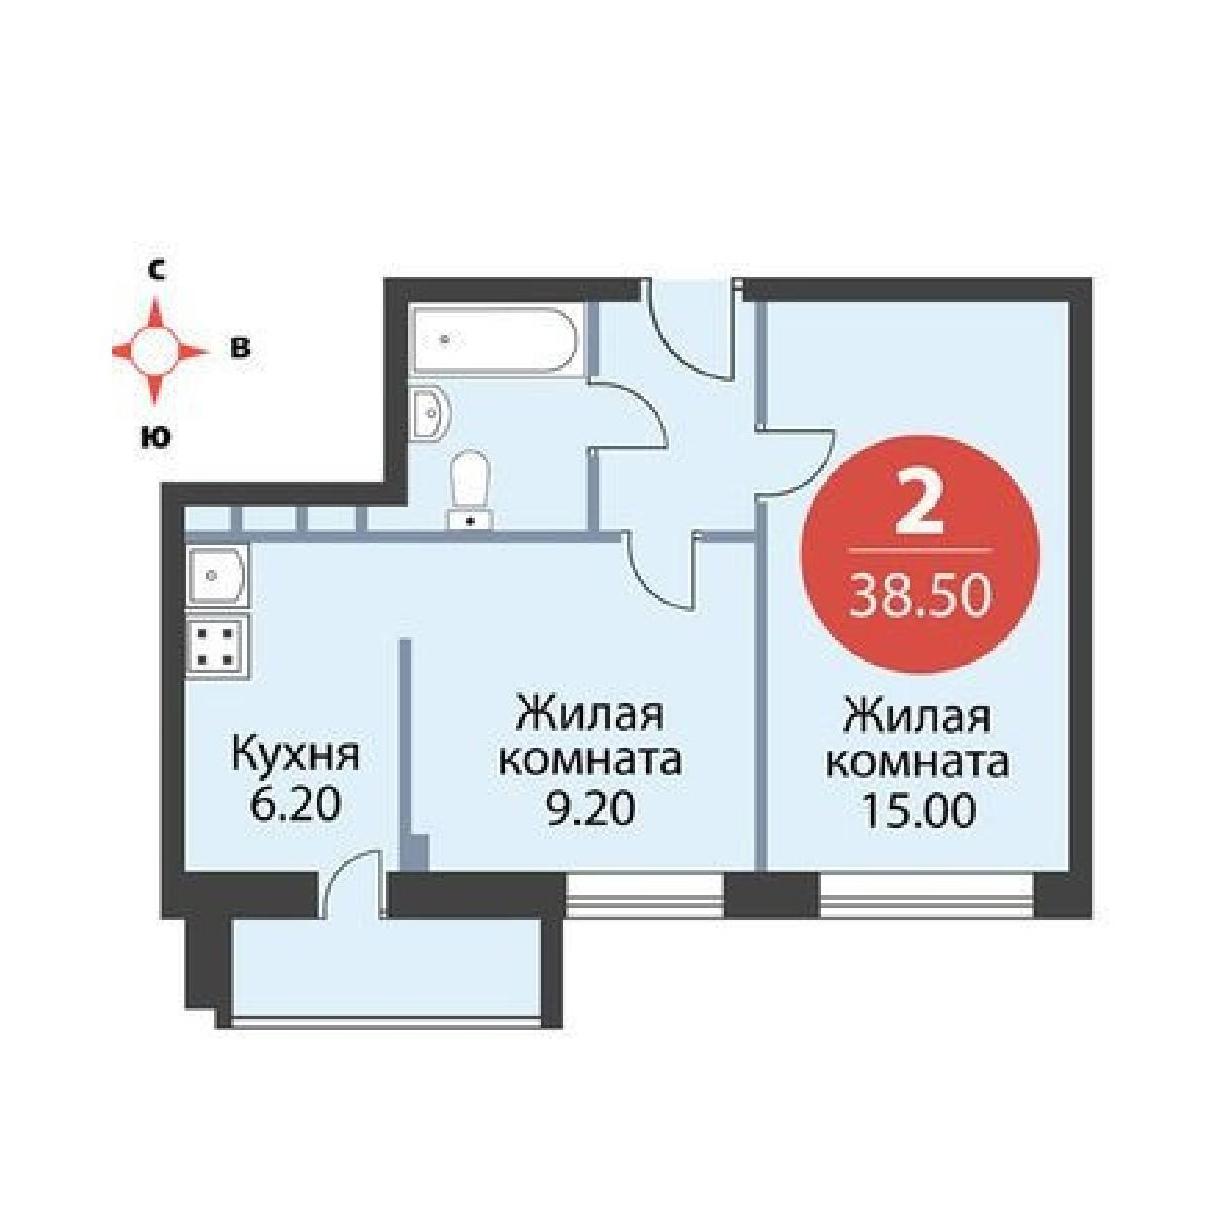 Топ-10 неудачных планировок квартир в новостройках - фото 6